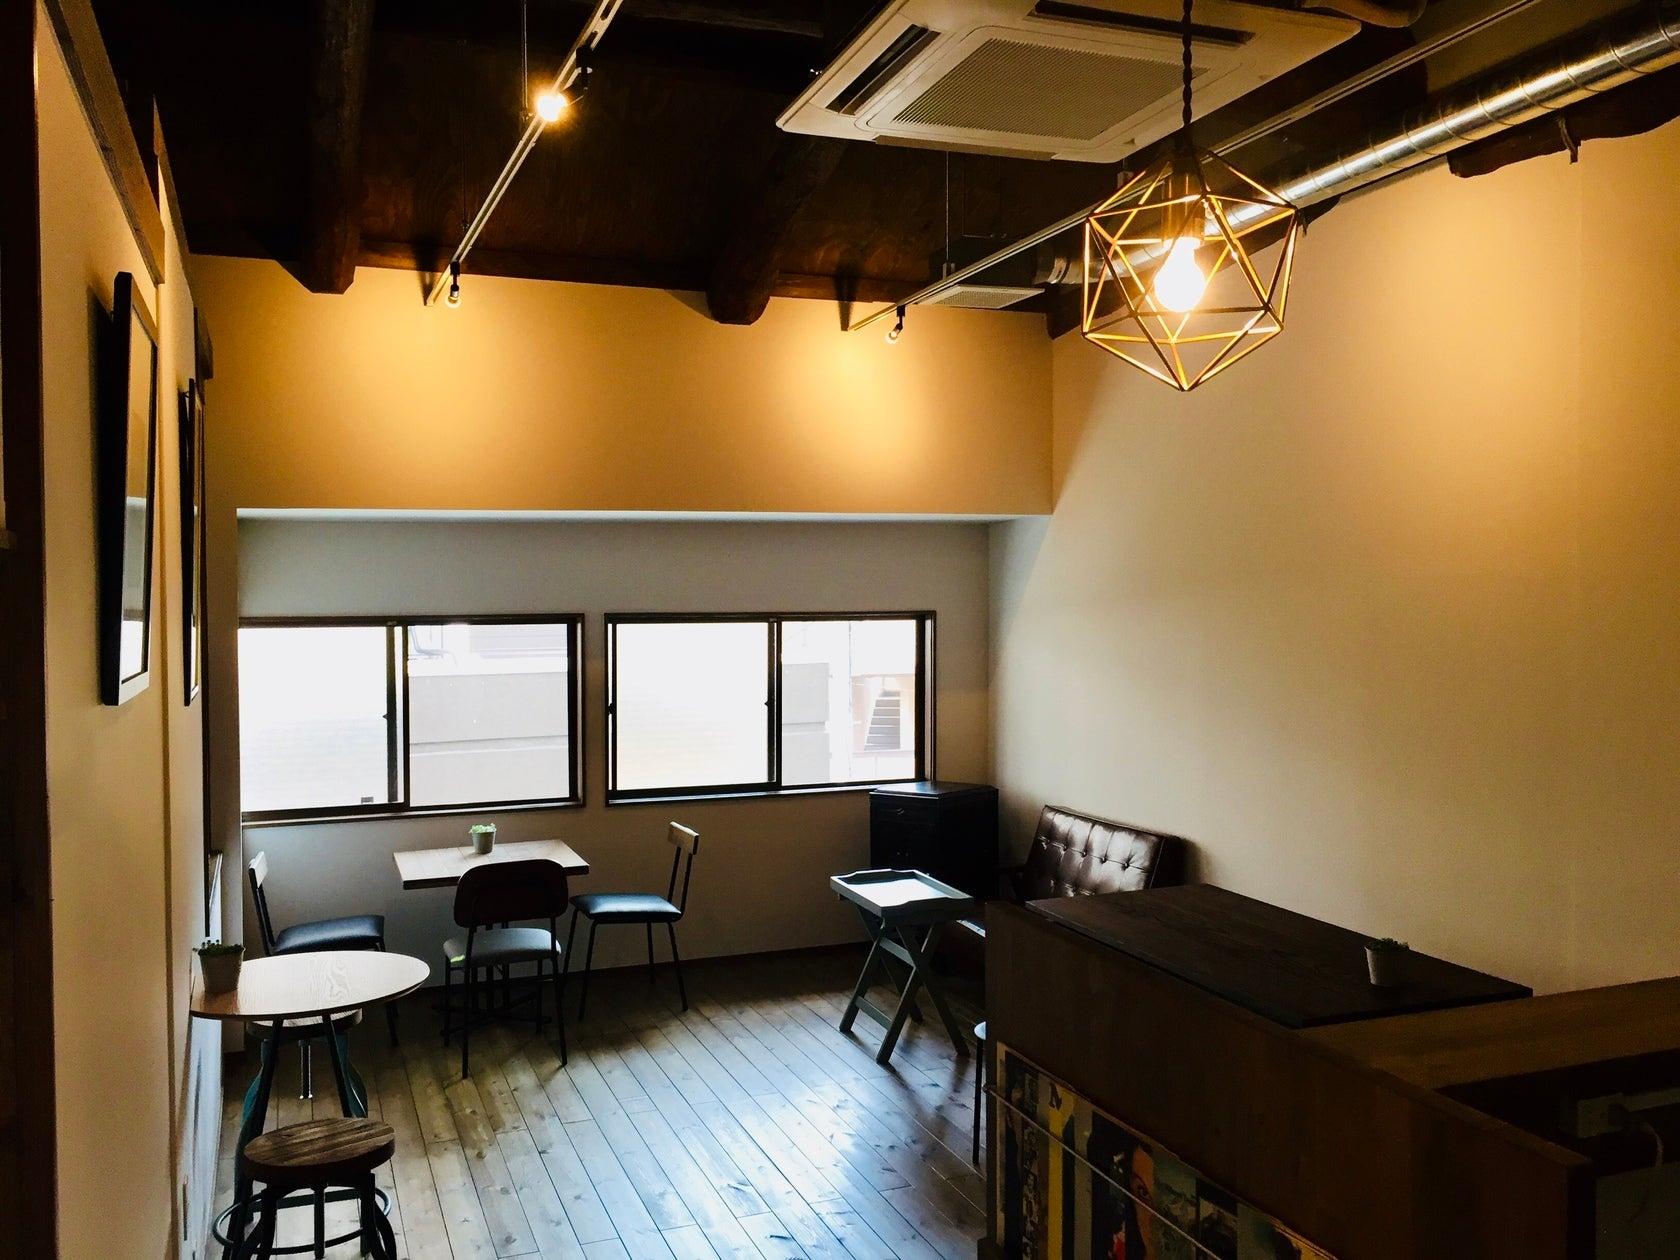 【みのしま商店街】カフェ空間を貸切。撮影やパーティ、イベント、会議、各種教室などご利用可能な多目的空間です。(ANGELICA Coffee Stand) の写真0